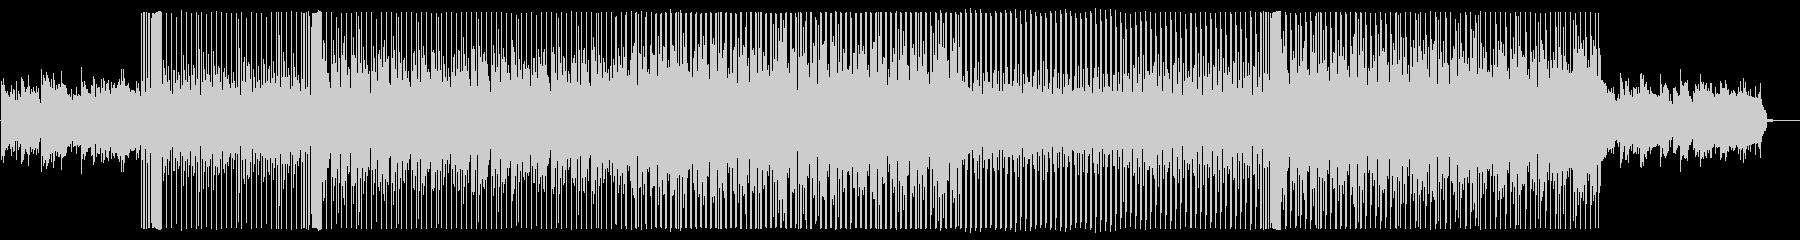 オシャレな雰囲気を演出するハウス系楽曲の未再生の波形